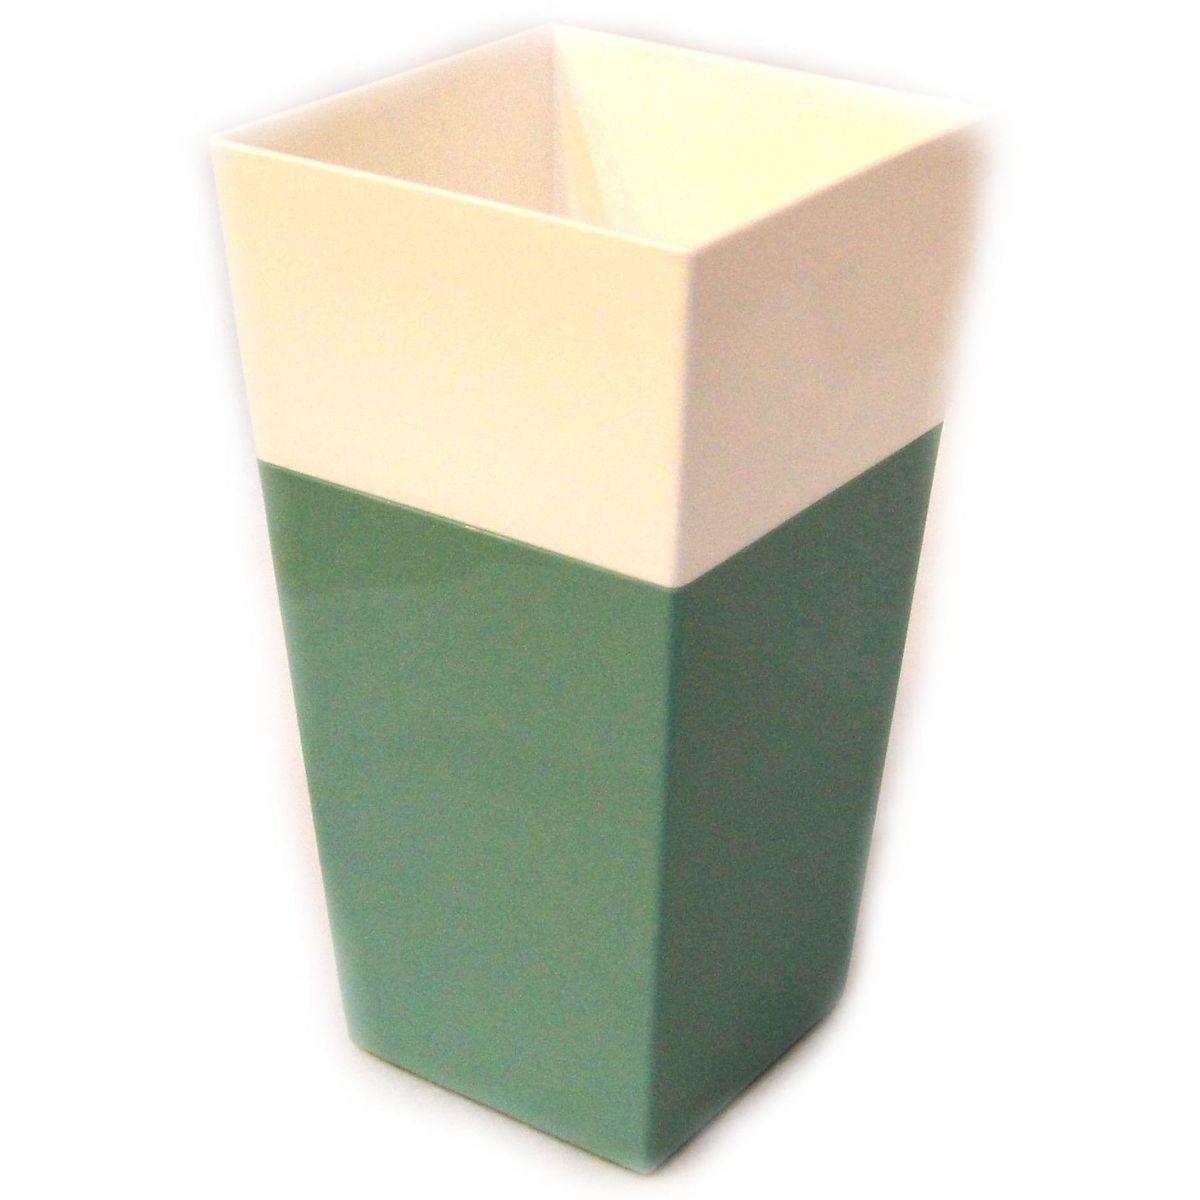 Кашпо JetPlast Дуэт, цвет: нефрит, белый, высота 34 смSMG-SET17Кашпо имеет строгий дизайн и состоит из двух частей: верхней части для цветка и нижней – поддона. Конструкция горшка позволяет, при желании, использовать систему фитильного полива, снабдив горшок веревкой. Оно изготовлено из прочного полипропилена (пластика).Размеры кашпо: 18 х 18 х 34 см.